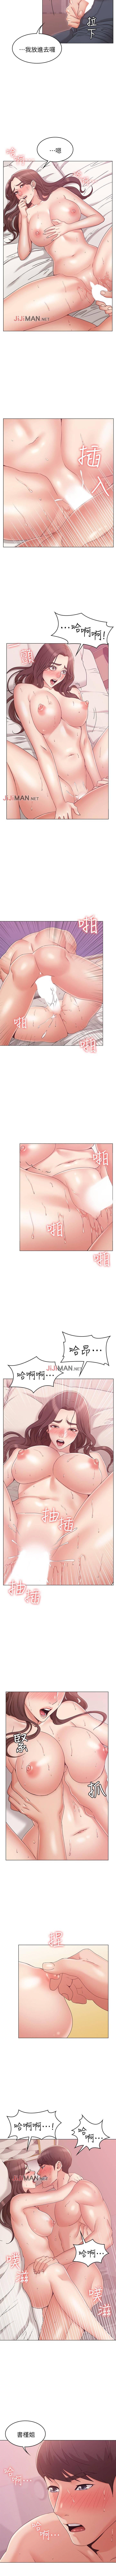 【周六连载】女友的姐姐(作者:橡果人&獵狗) 第1~14话 56